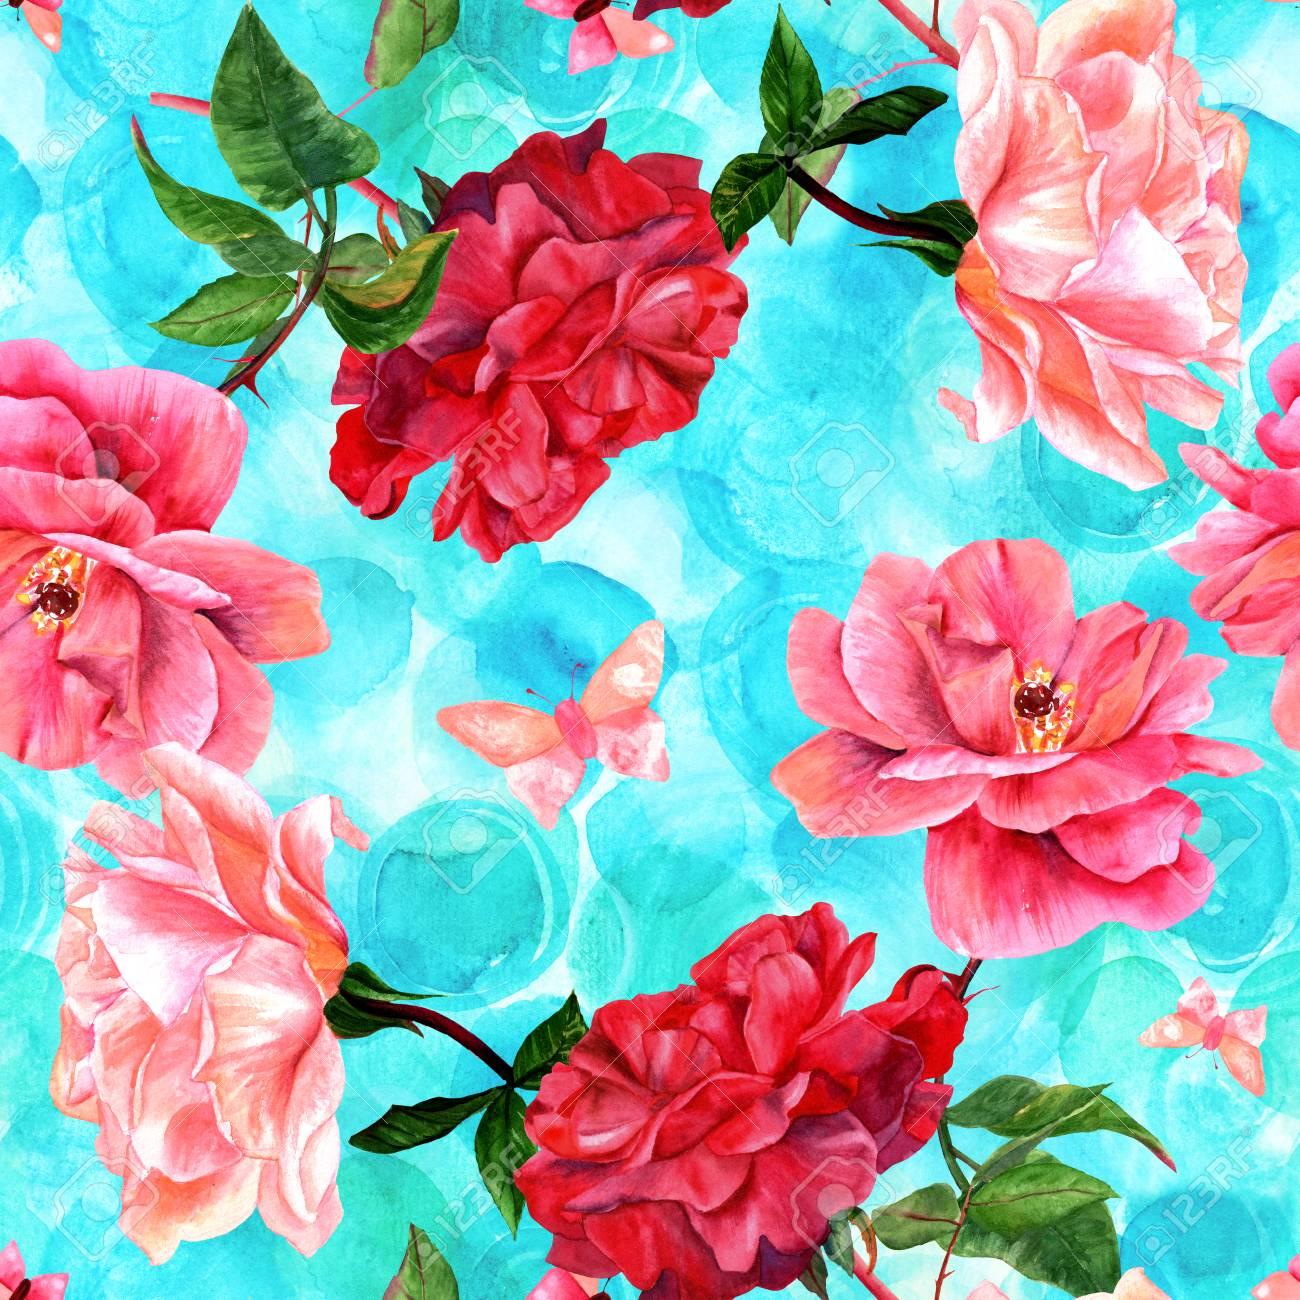 Un Patron Sin Fisuras Con Dibujos En Acuarela De Rosas Rojas Y Rosas Florecientes Y Mariposas Pintado A Mano Sobre Un Fondo Azul Turquesa En El